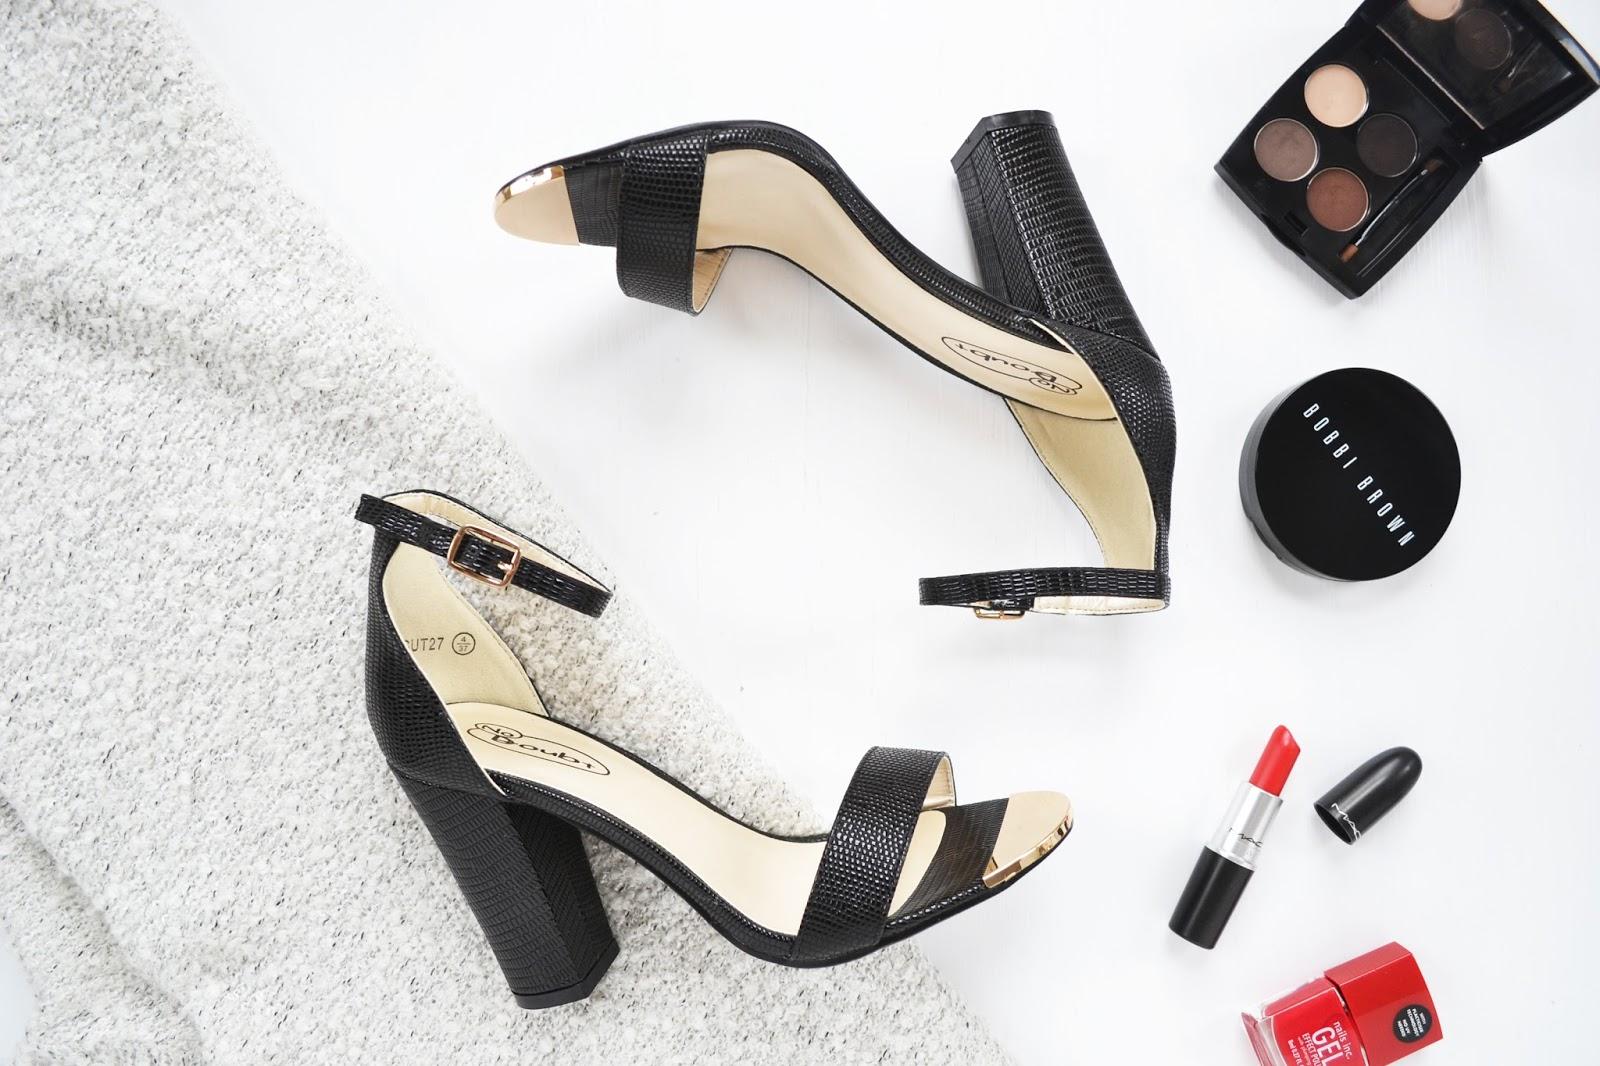 black high heels with a block heel